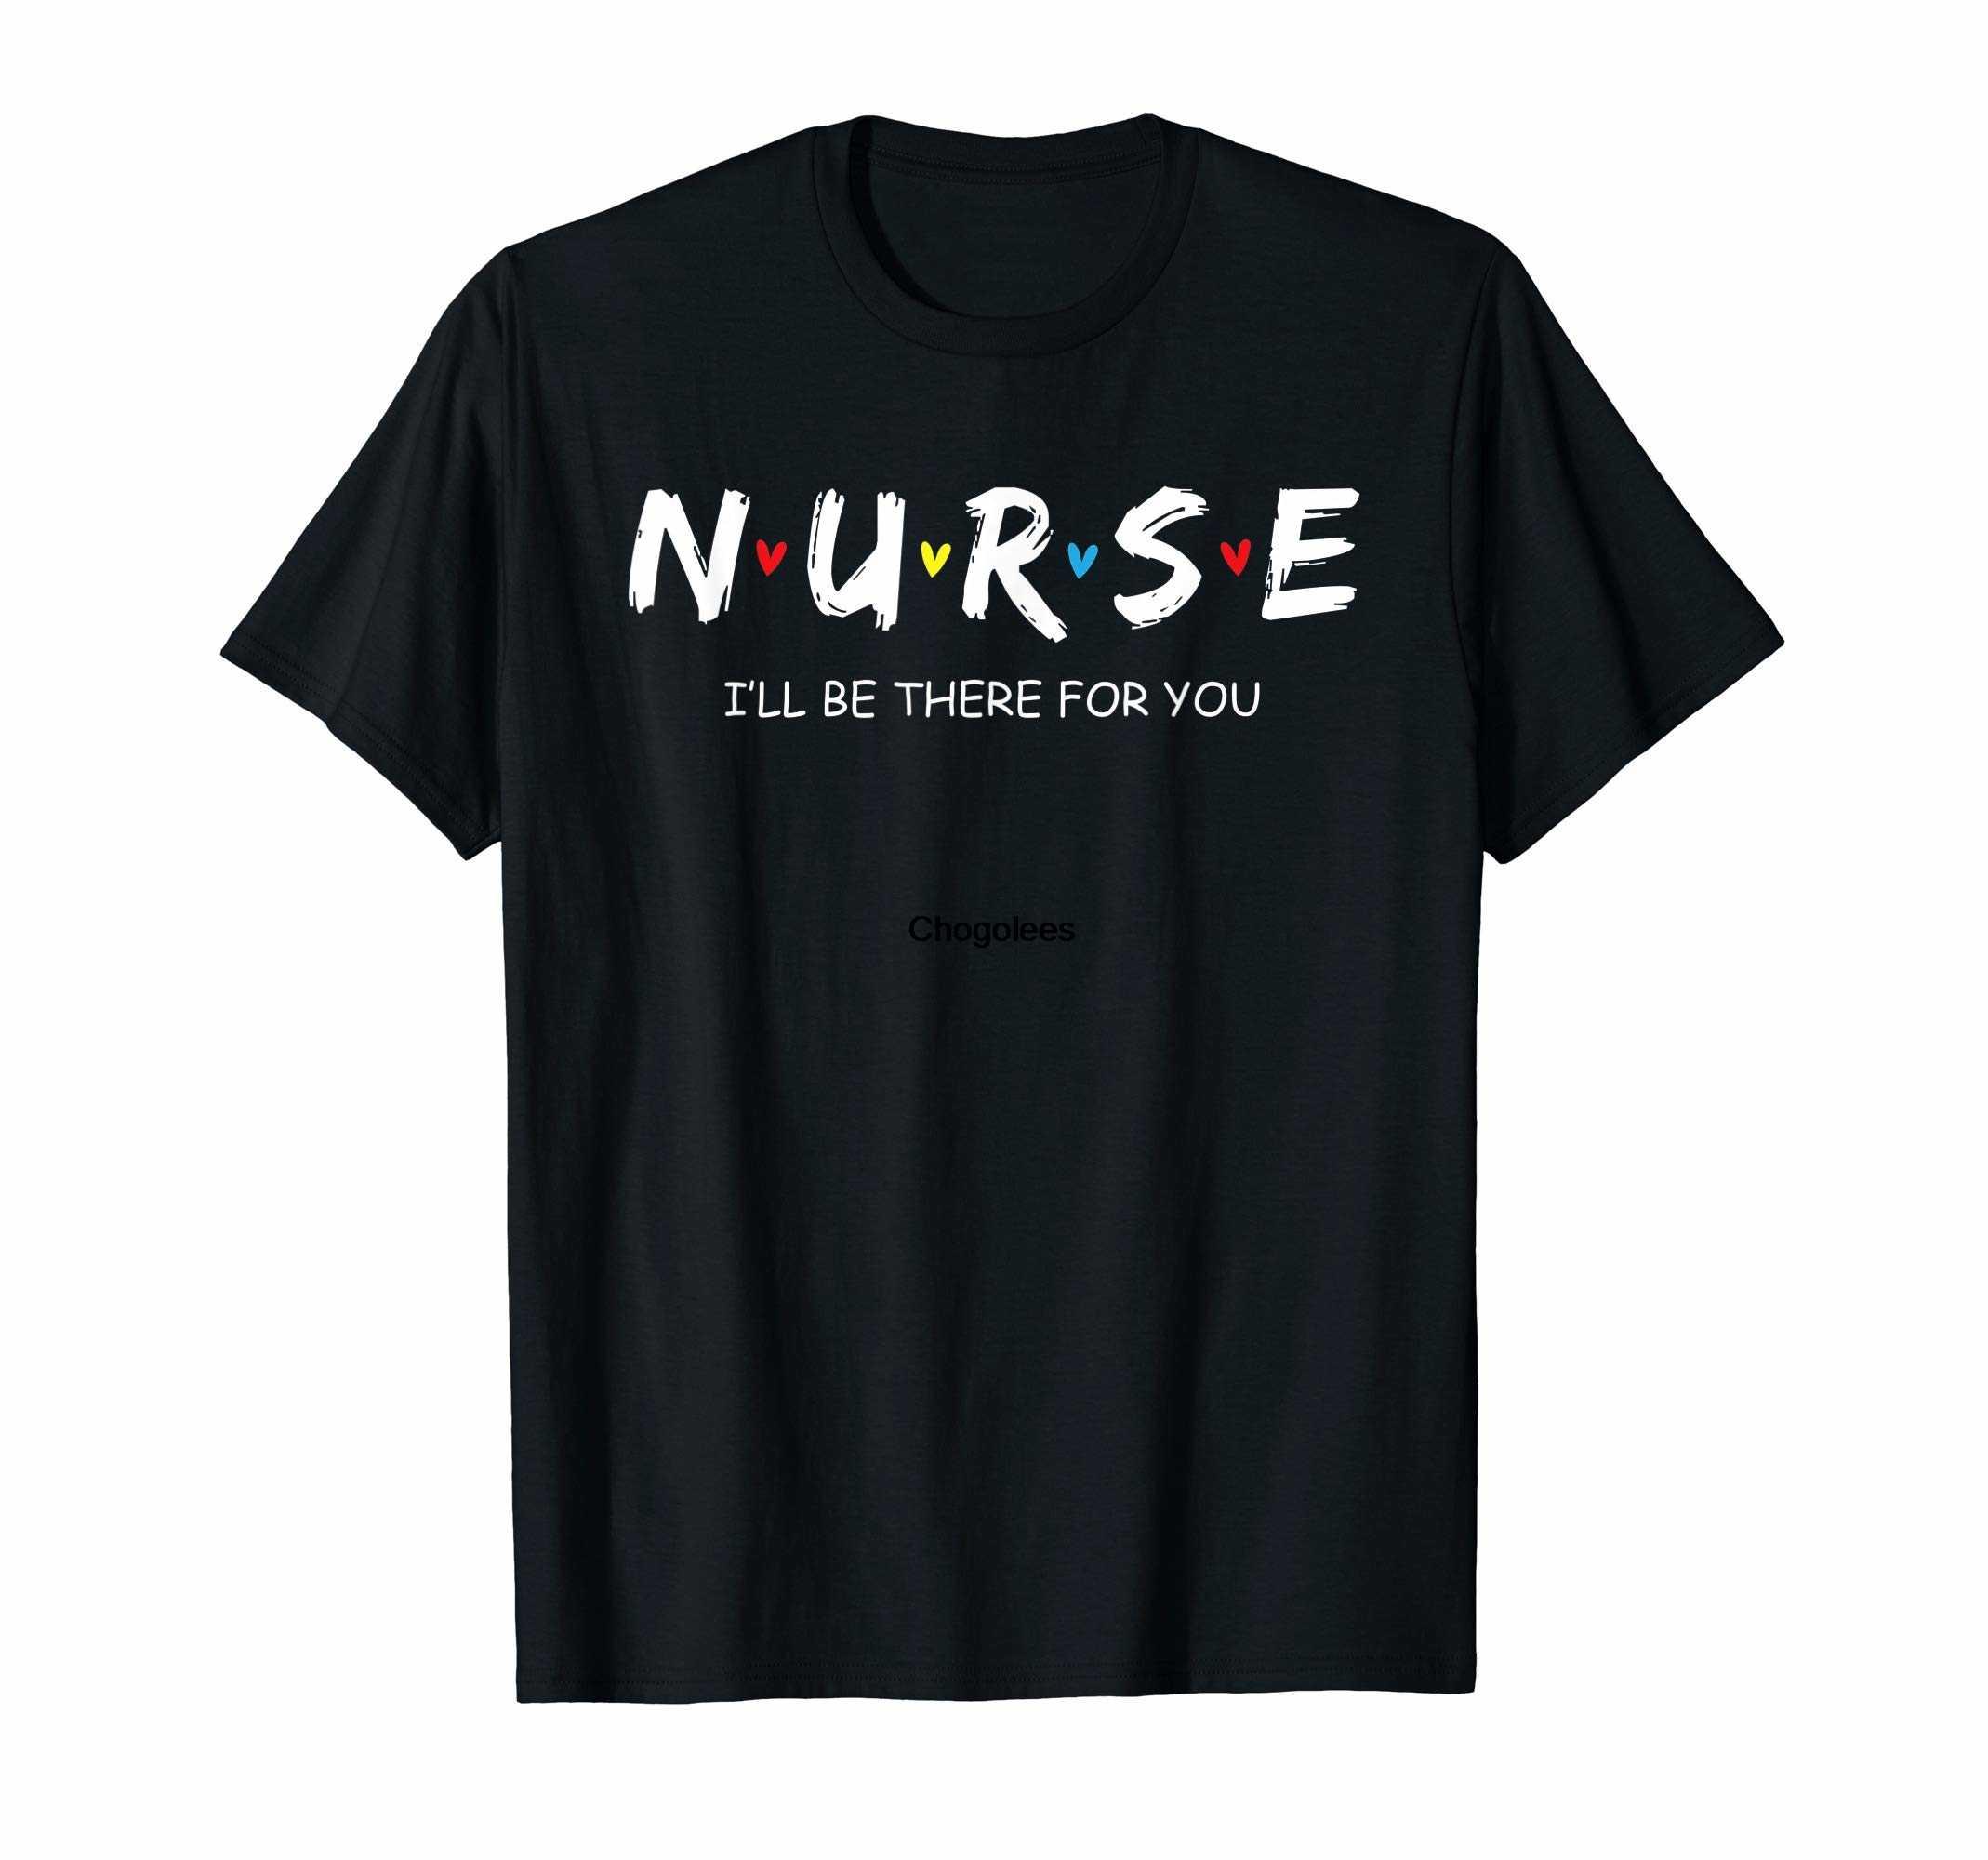 Милая рубашка медсестры, я буду рядом для вас, подарок для футболки RN LPN